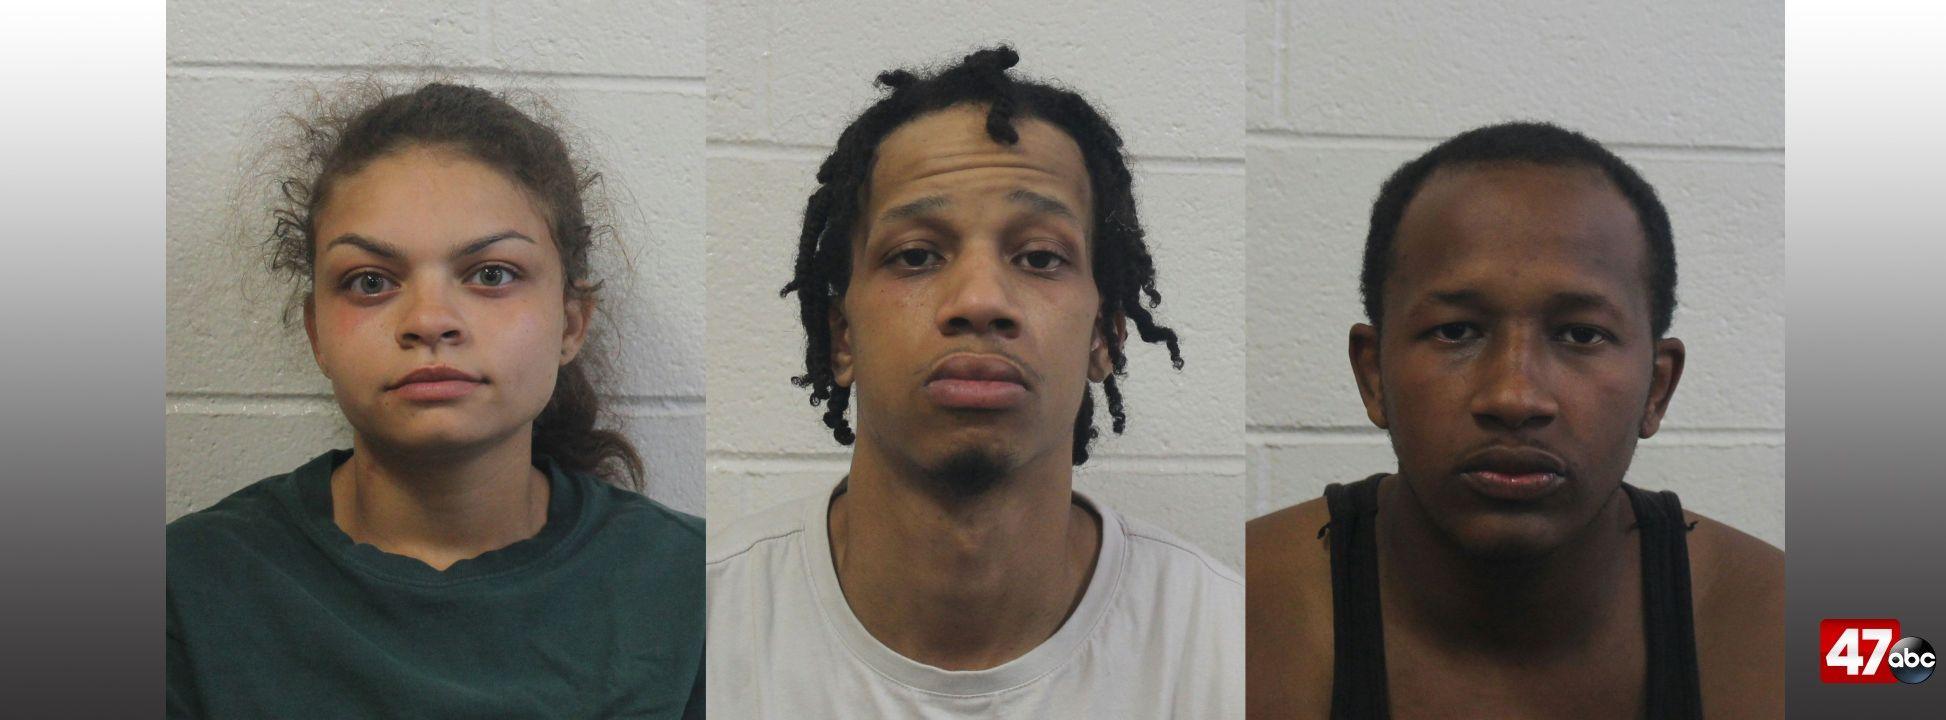 1280 Wicomico Arrest